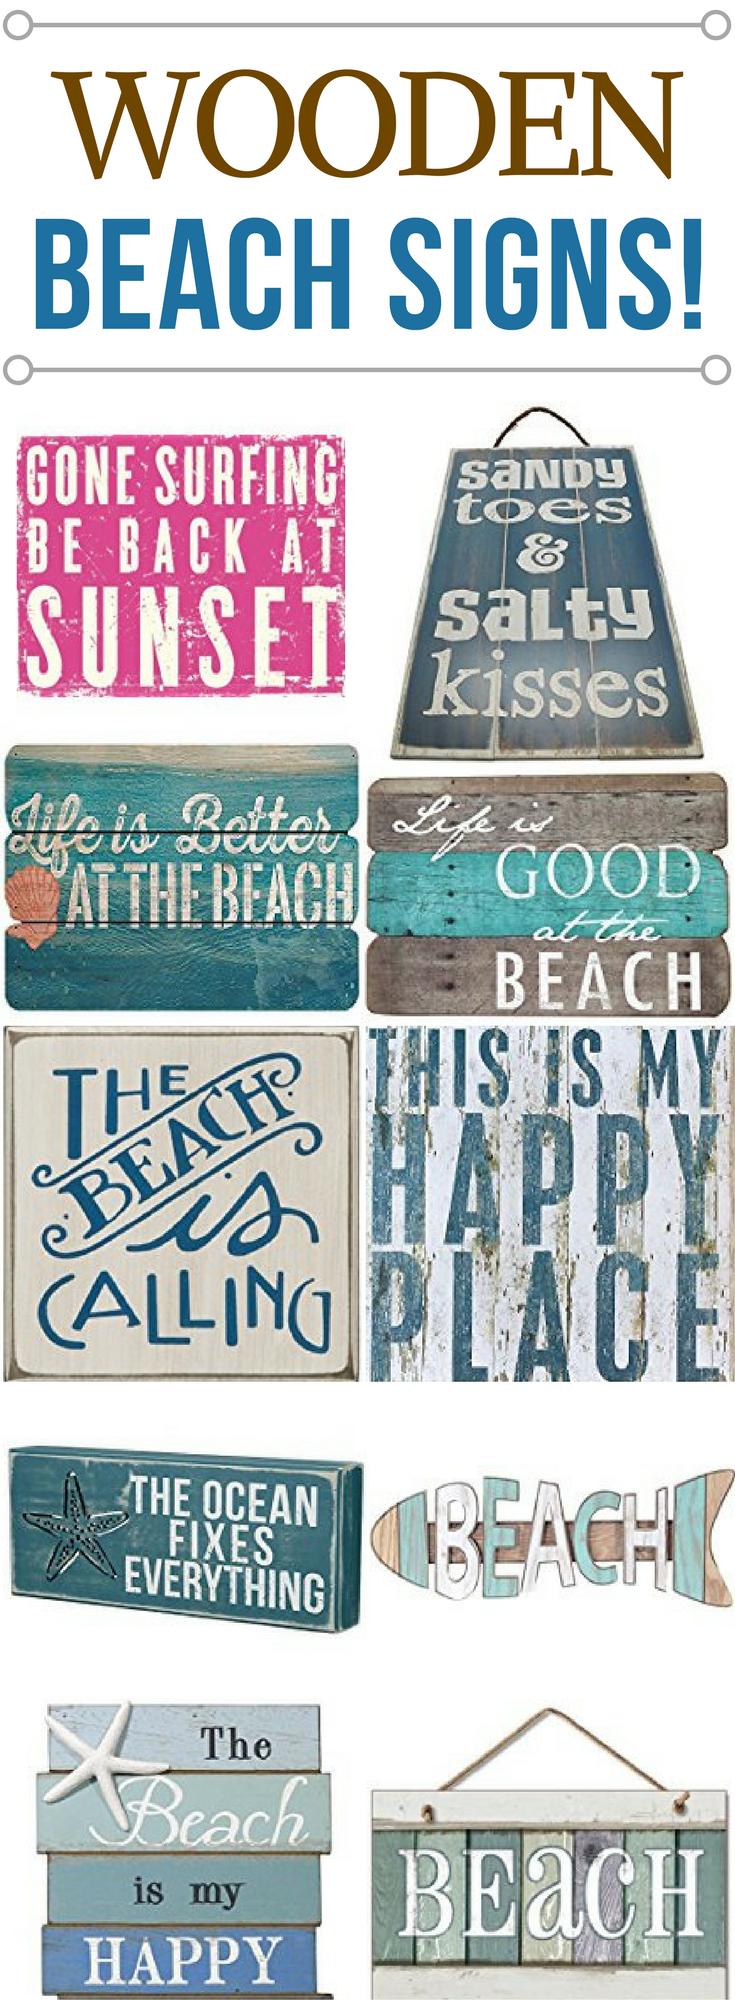 Wooden Beach Signs Decor Classy Best Wooden Beach Signs  Beachfront Decor  Rustic Modern Inspiration Design